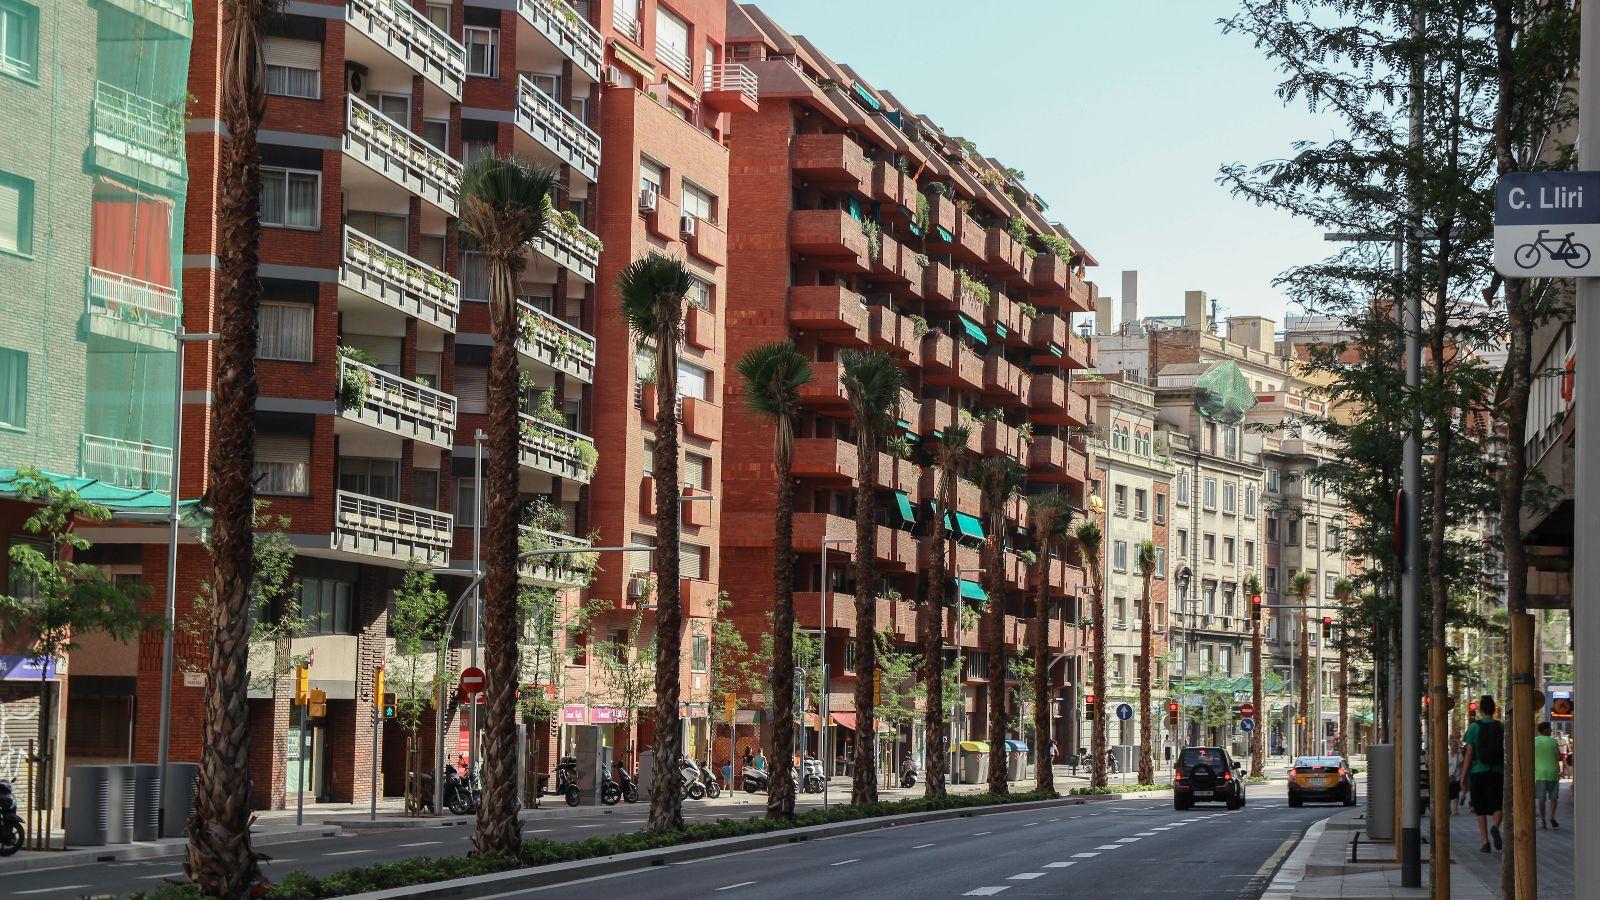 Французские эмигранты покупают недвижимость в ЕС - за и против